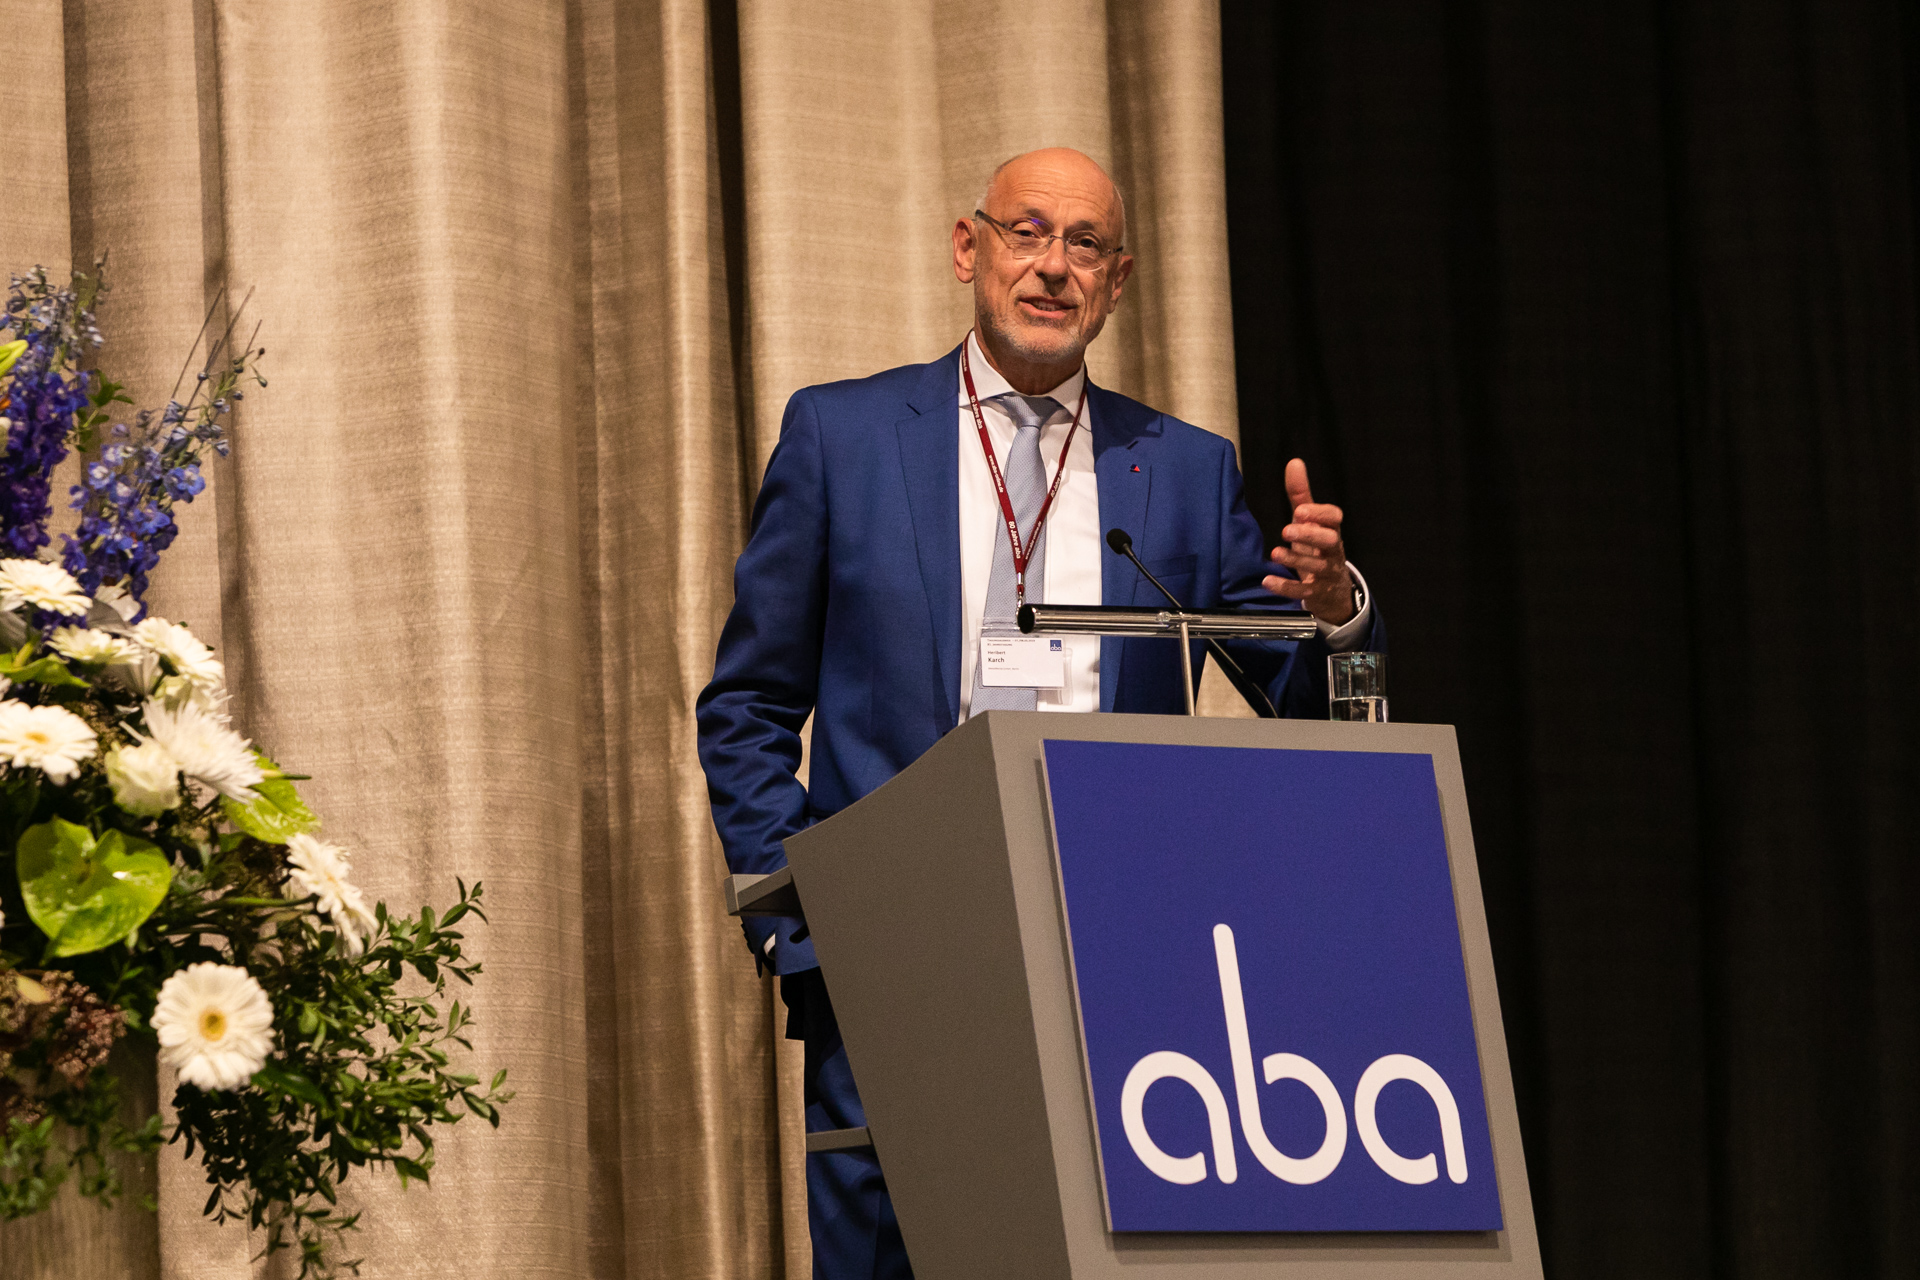 Heribert Karch auf aba-Veranstaltung